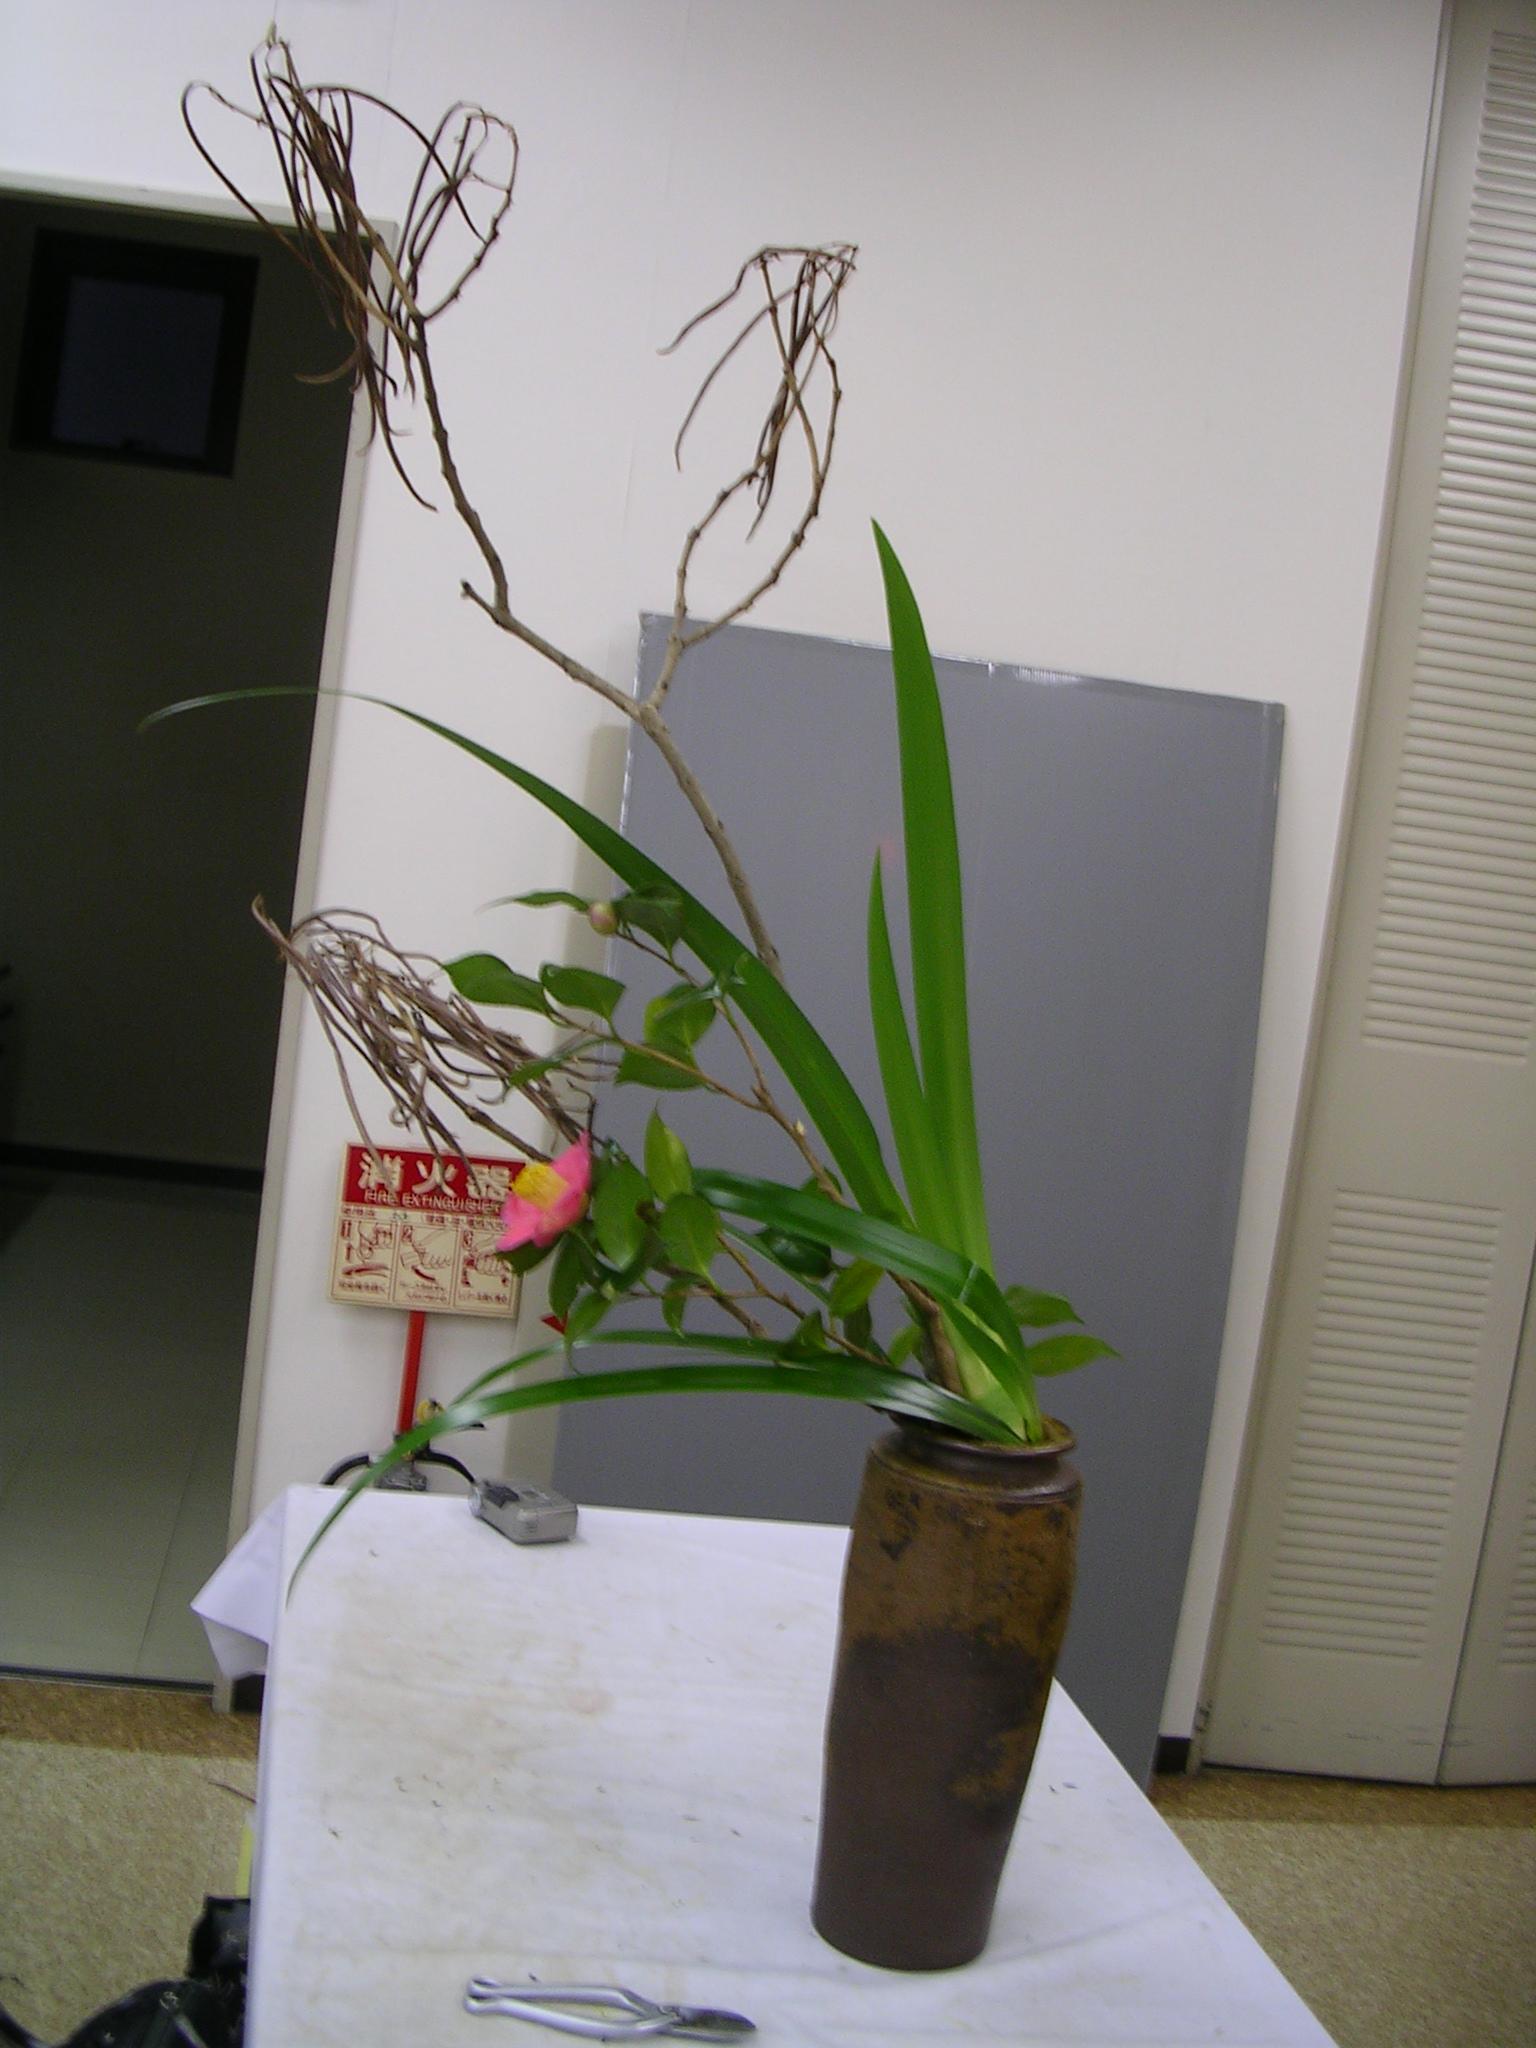 DSCN7876.JPG